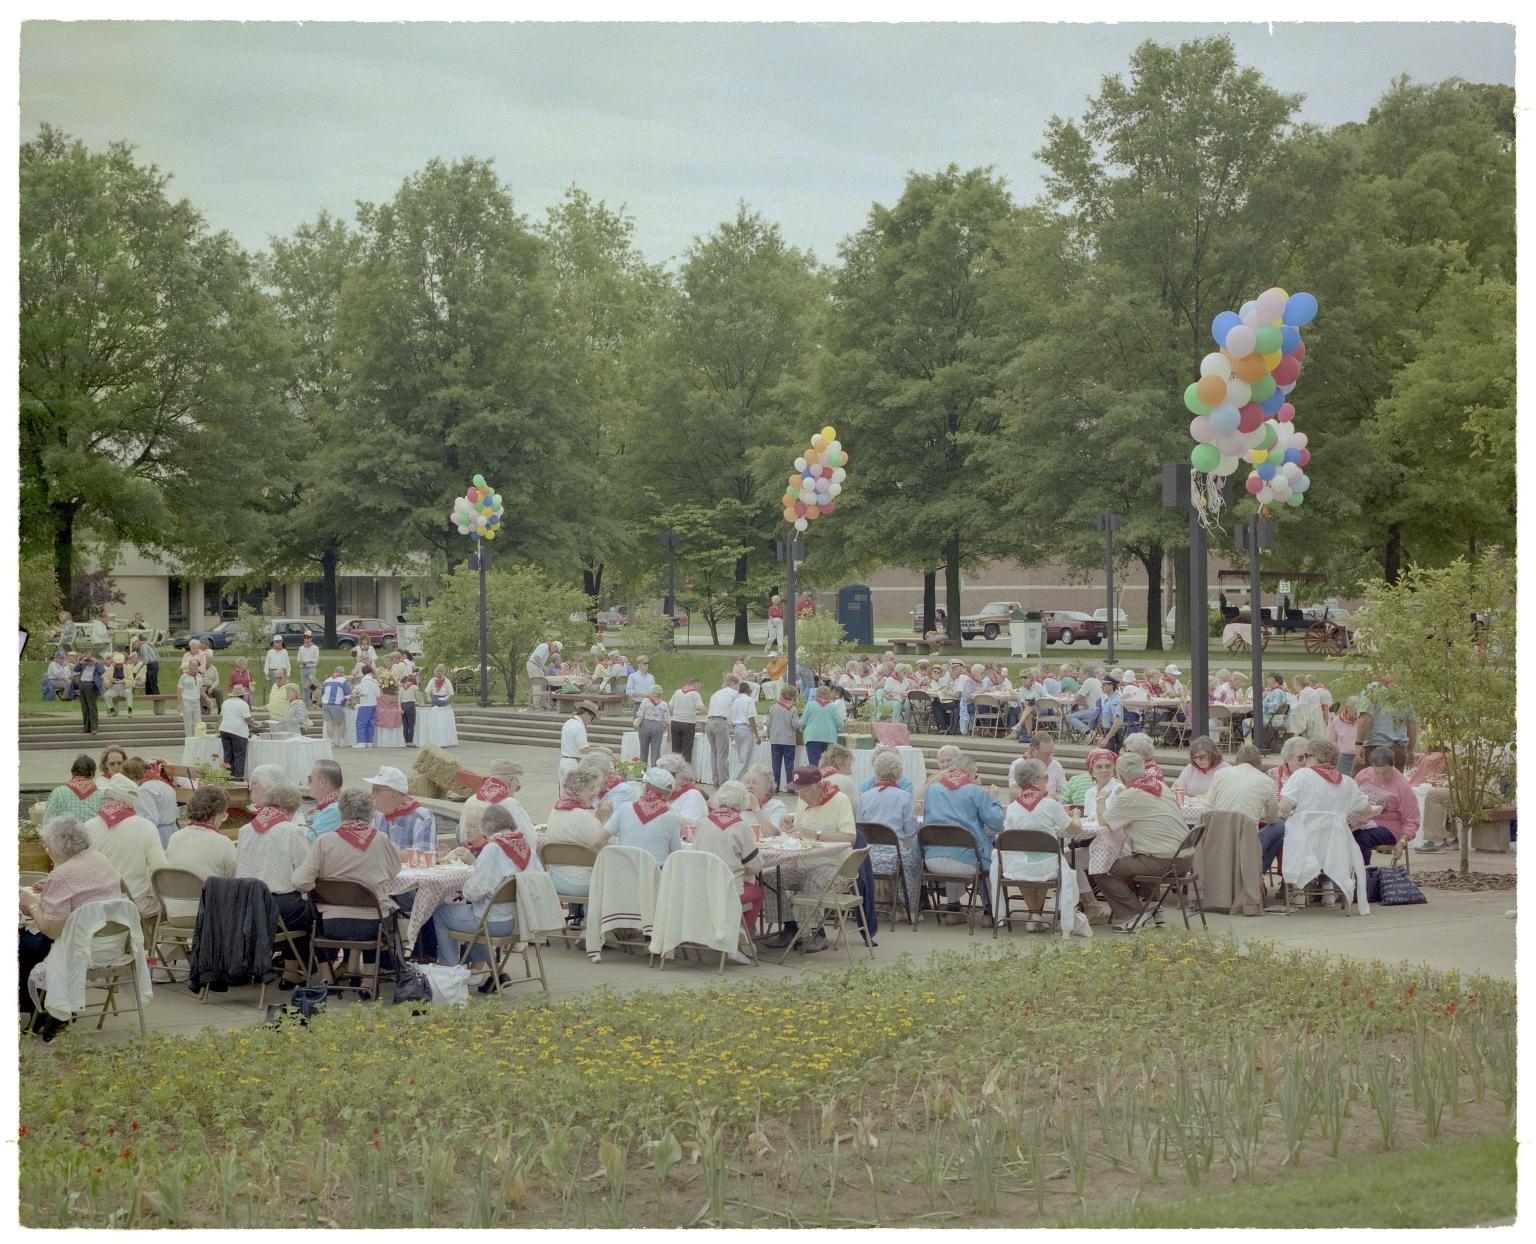 Square Dance in Dolly McNutt Memorial Plaza